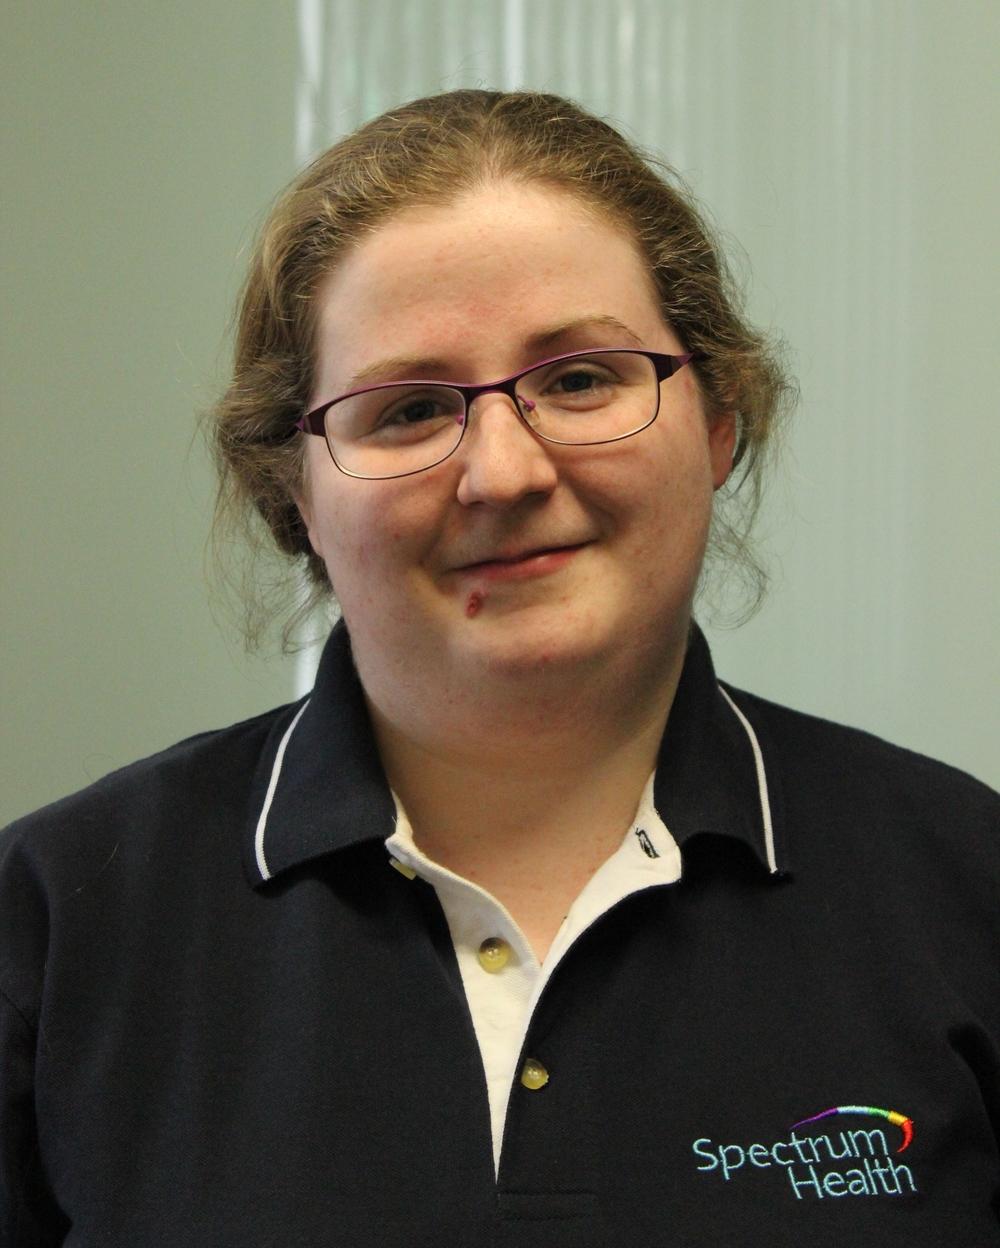 Claire Finnegan